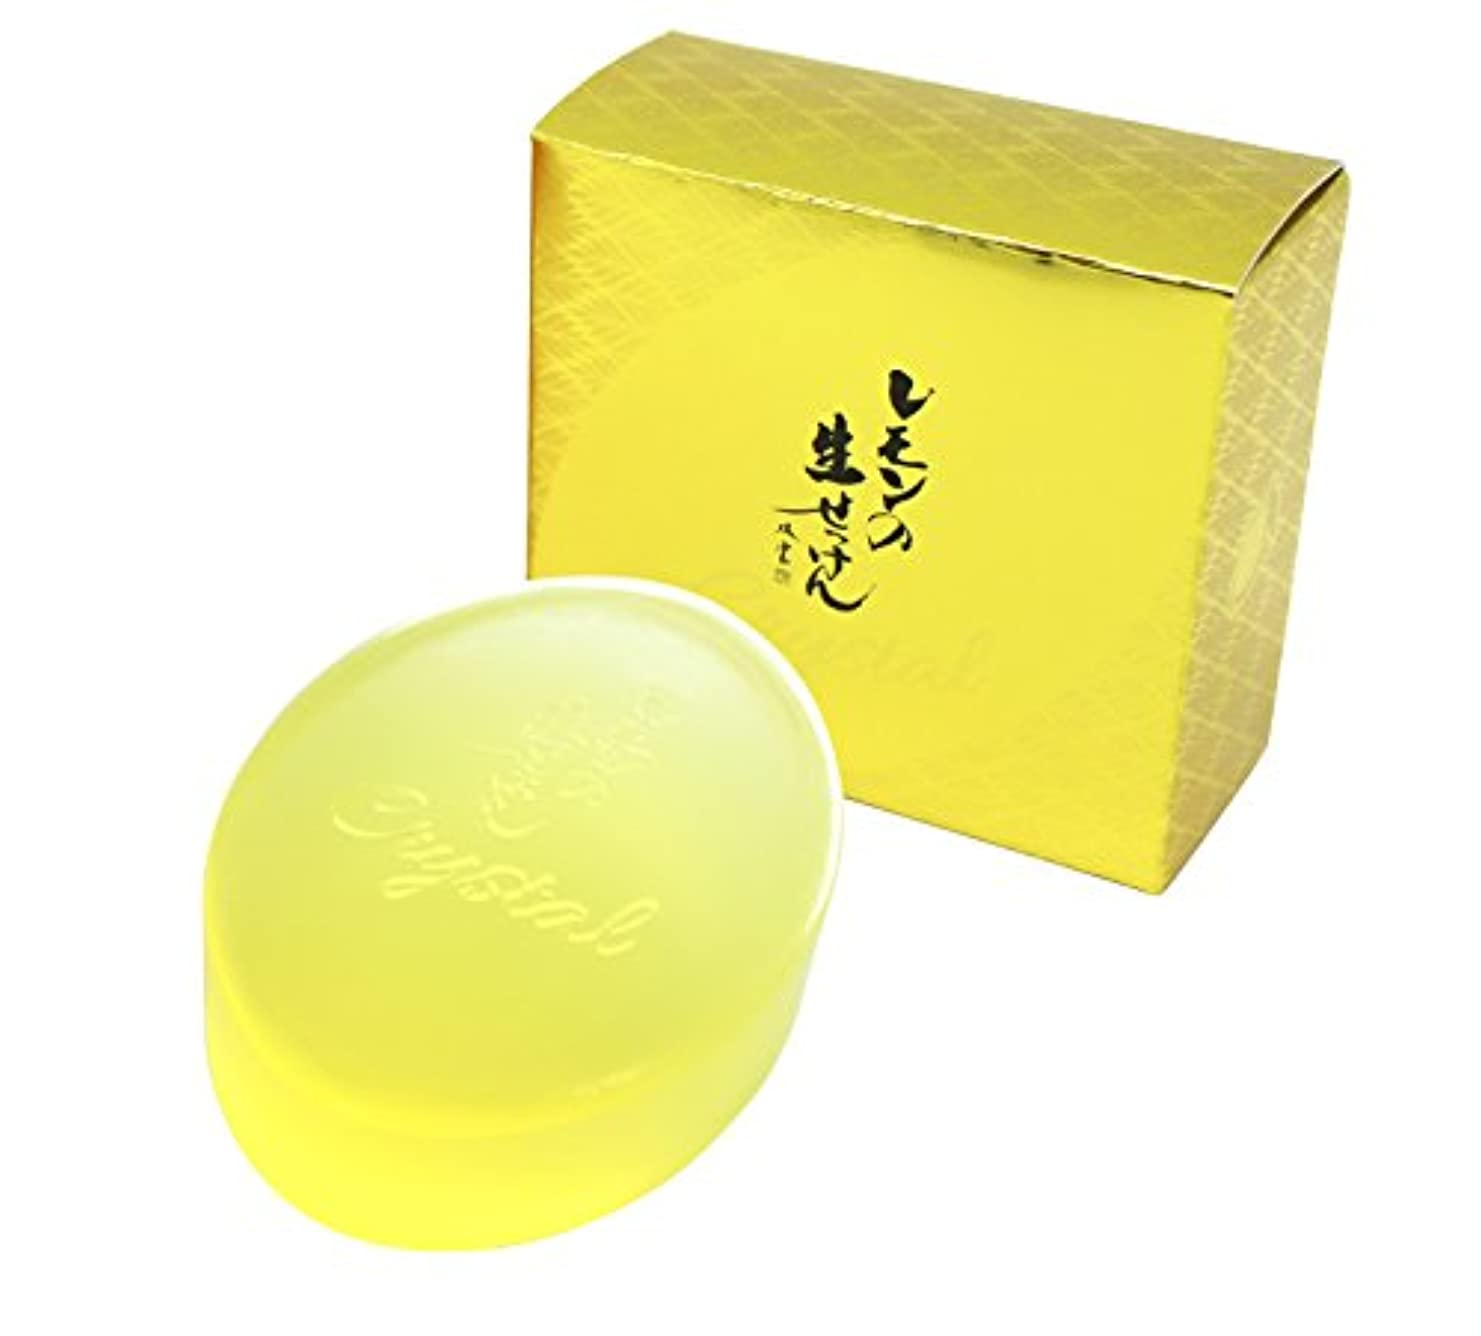 拮抗保持知恵美香柑 レモンの生せっけん 洗顔石けん 固形タイプ(枠練り) 90g